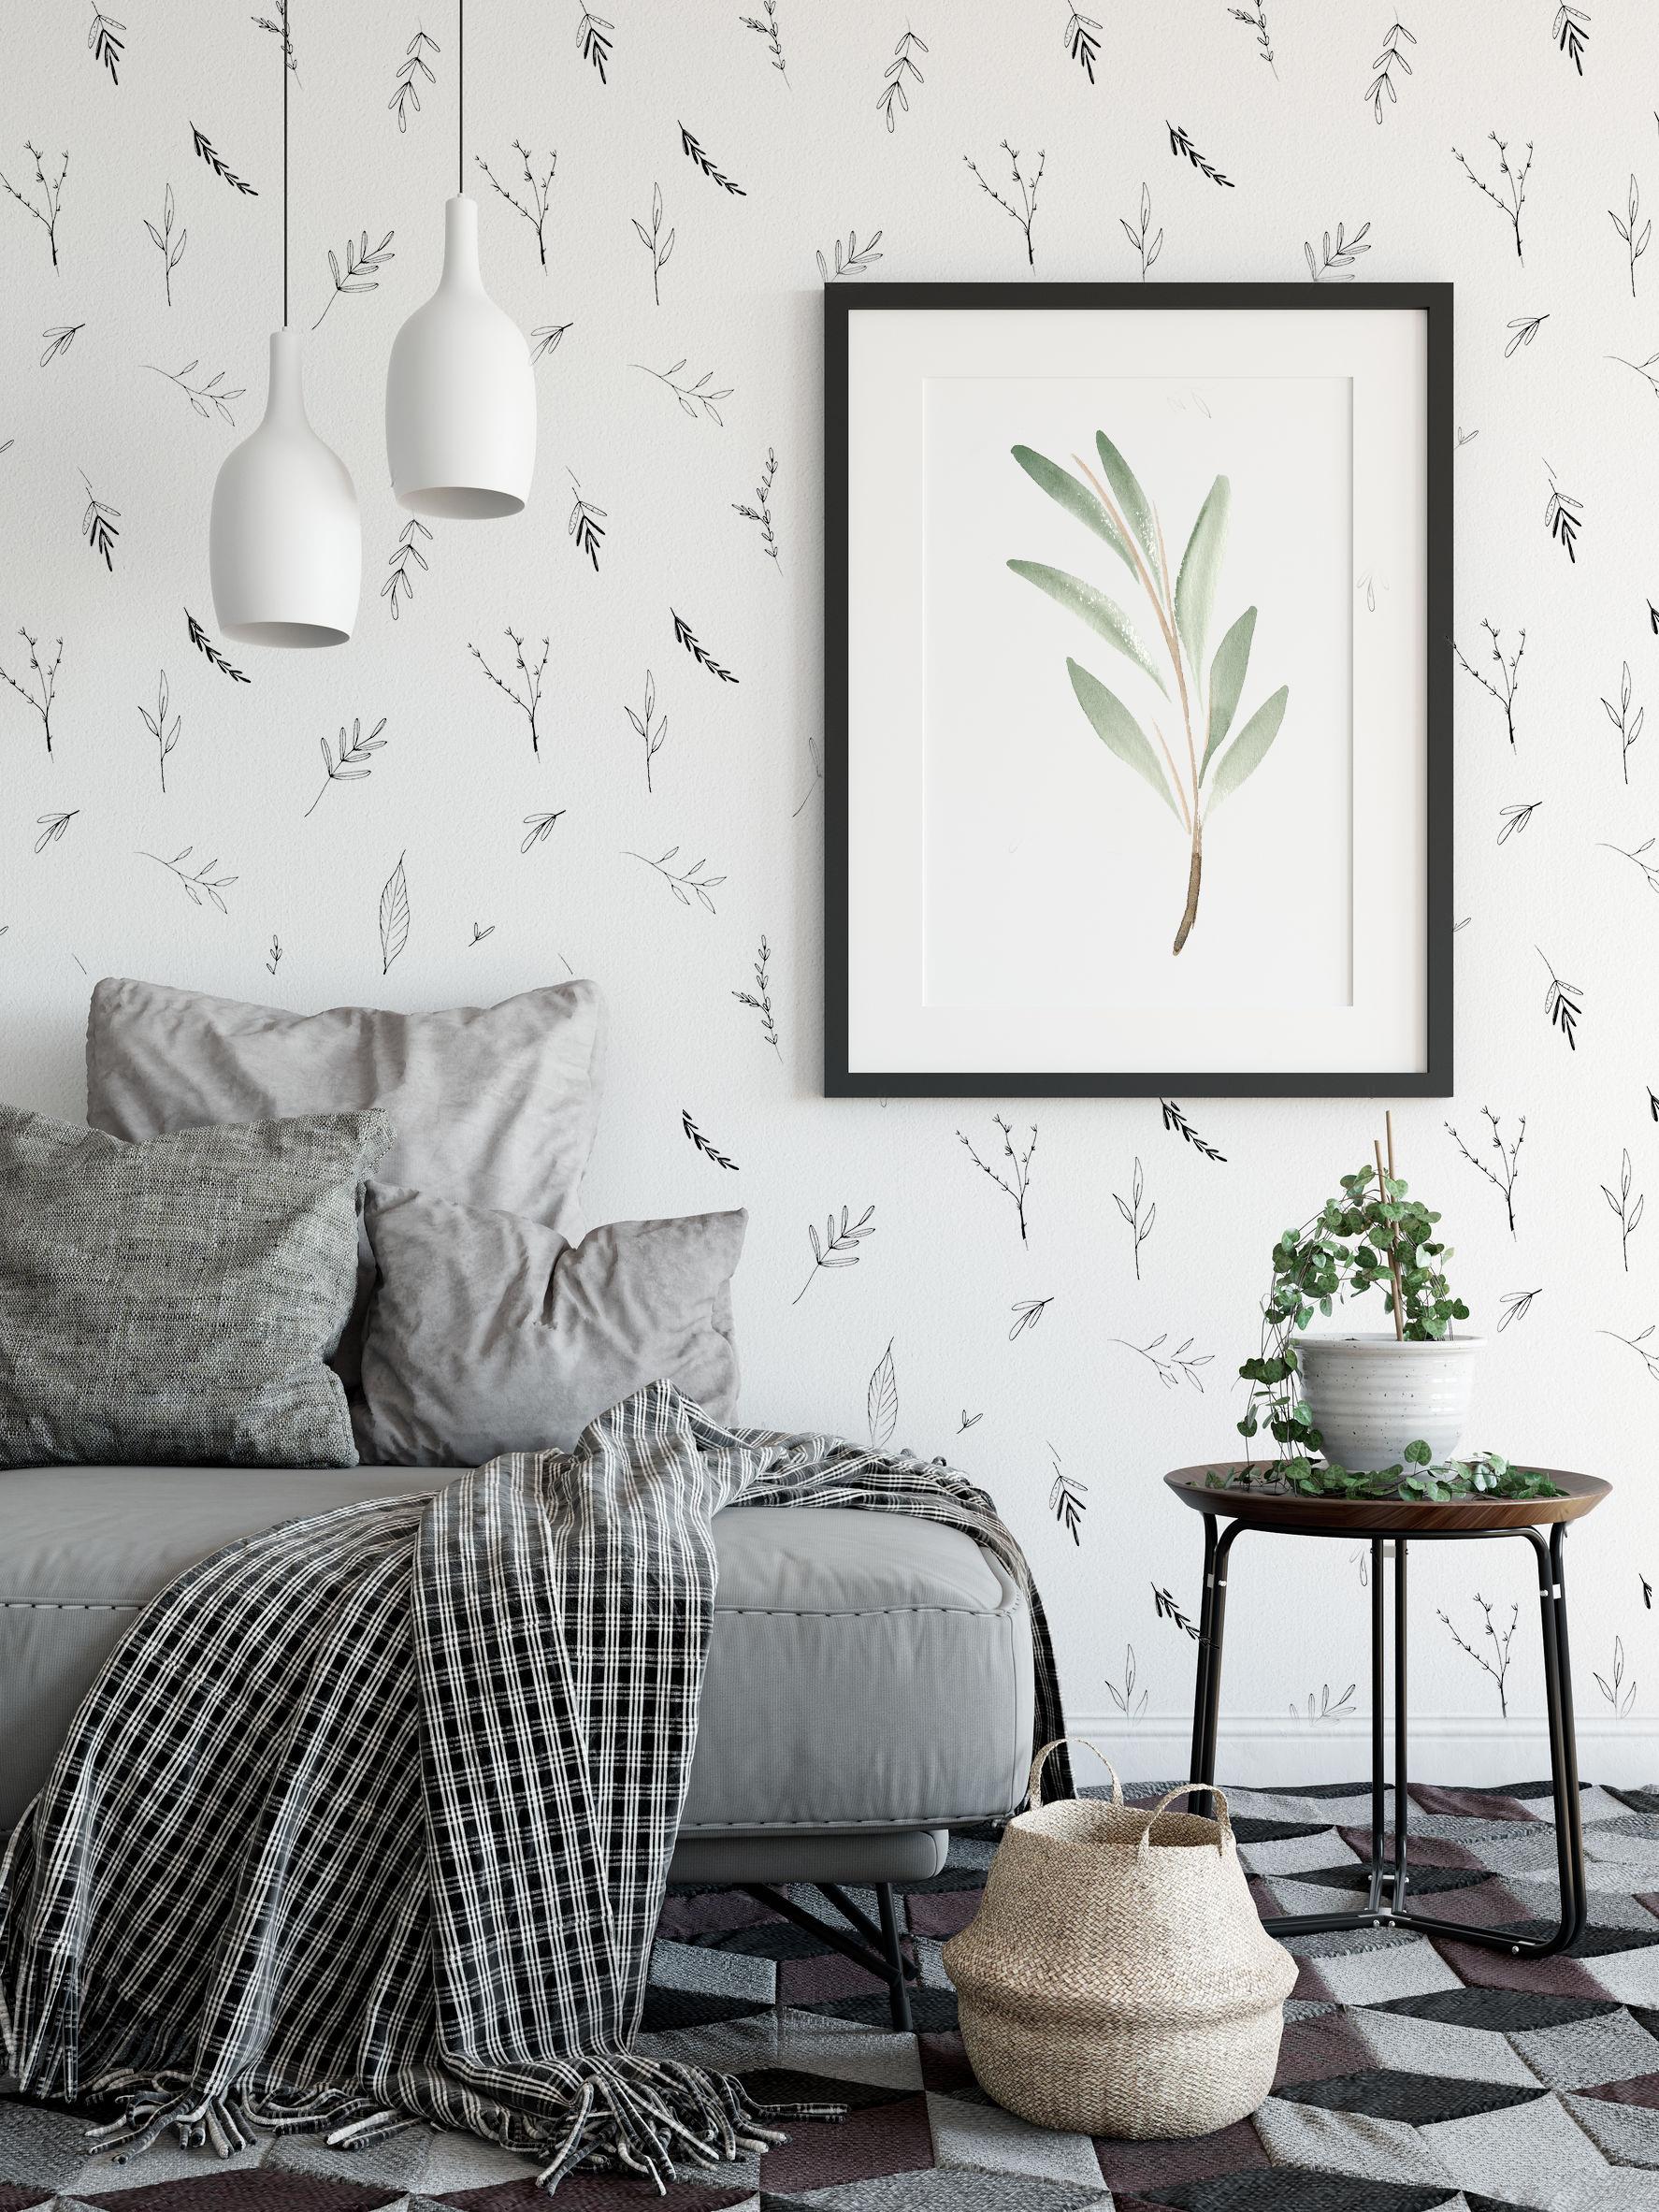 Papier peint - feuillage noir et blanc.jpg